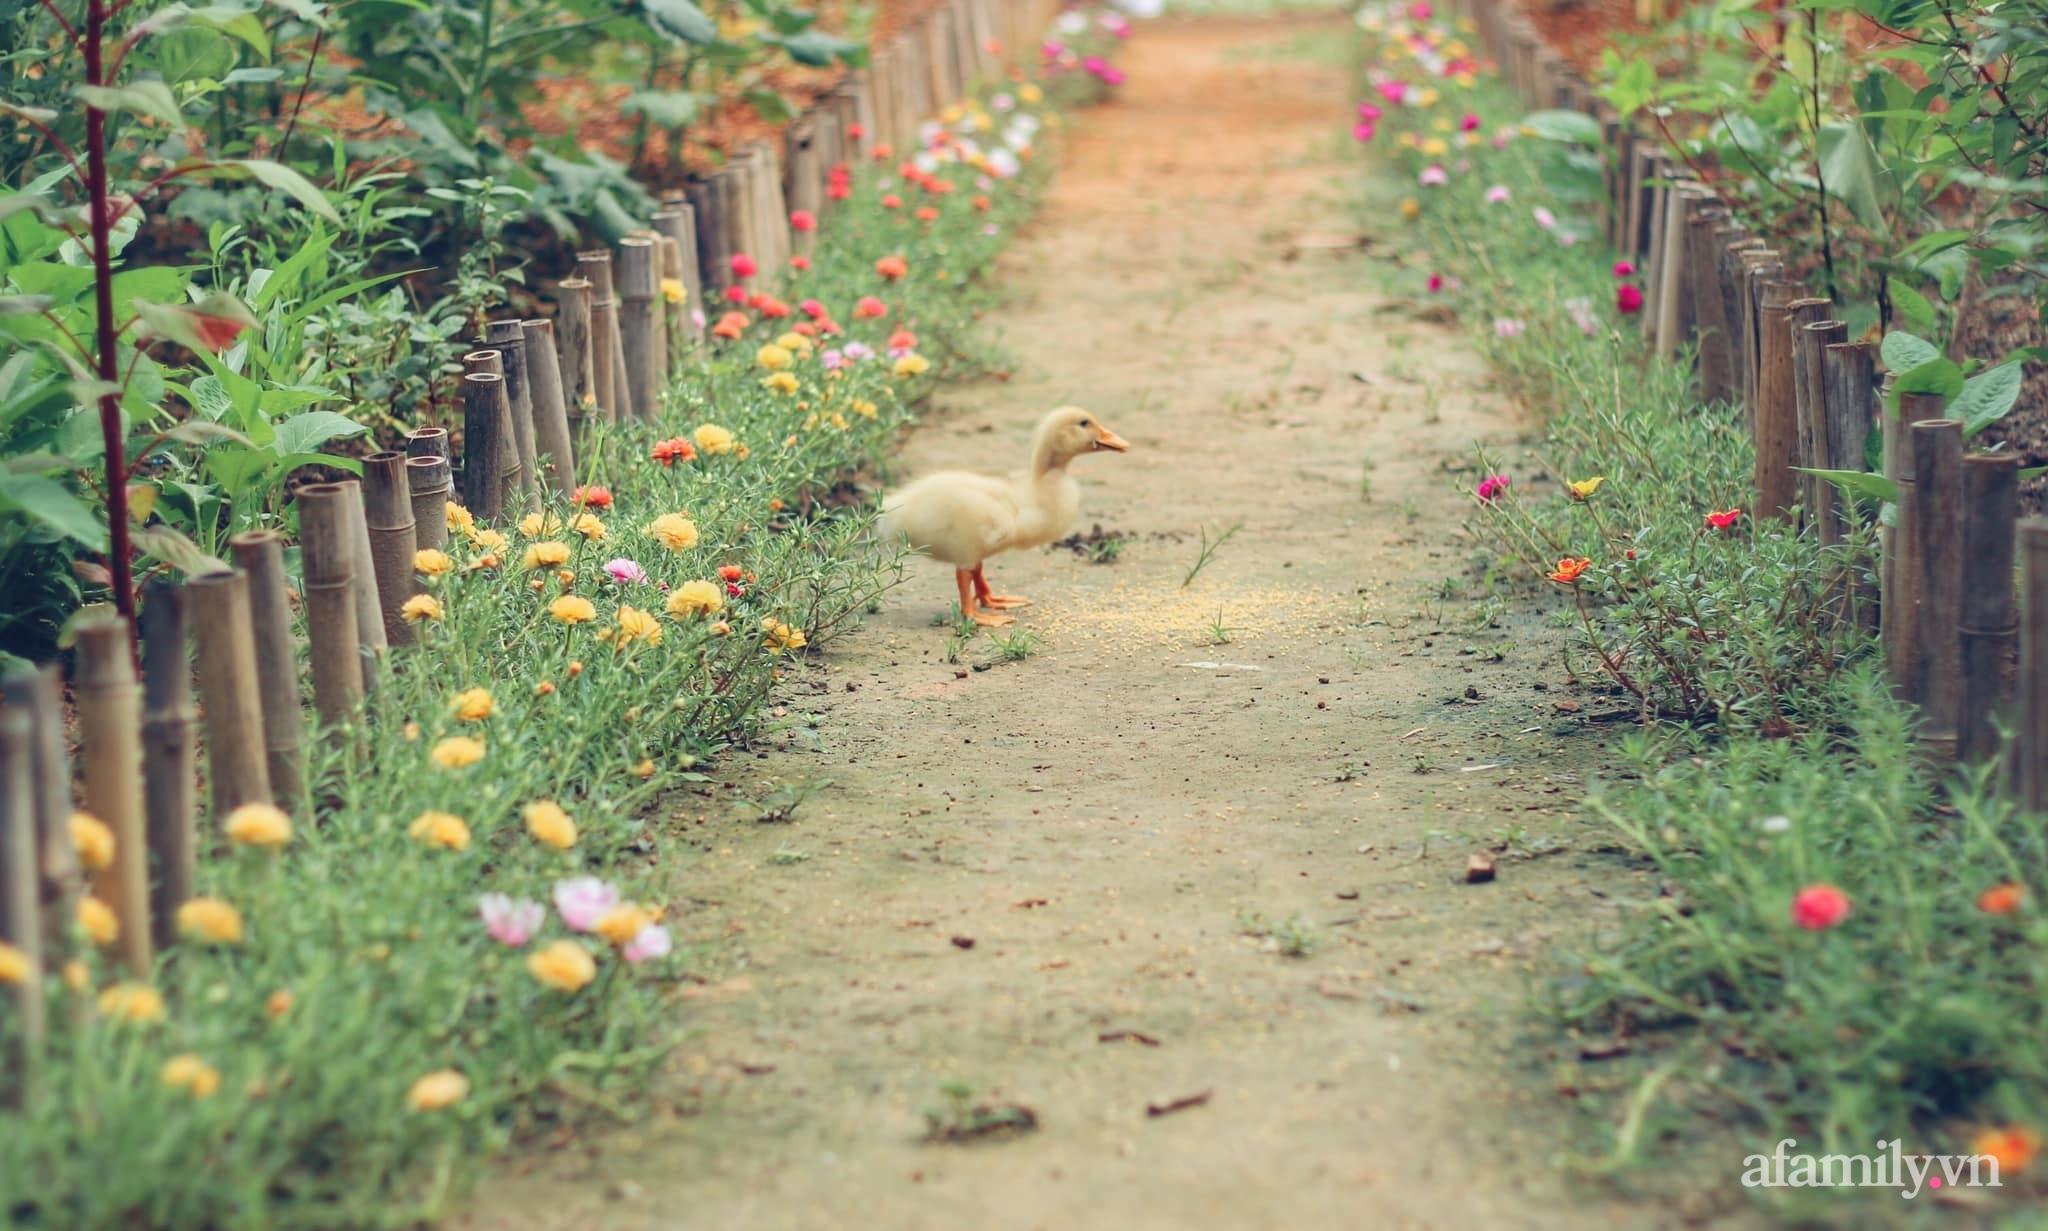 Cô gái trẻ bỏ Hà Nội phố về quê trồng rau nuôi cá, tạo không gian xanh sống cuộc đời an lành - Ảnh 3.